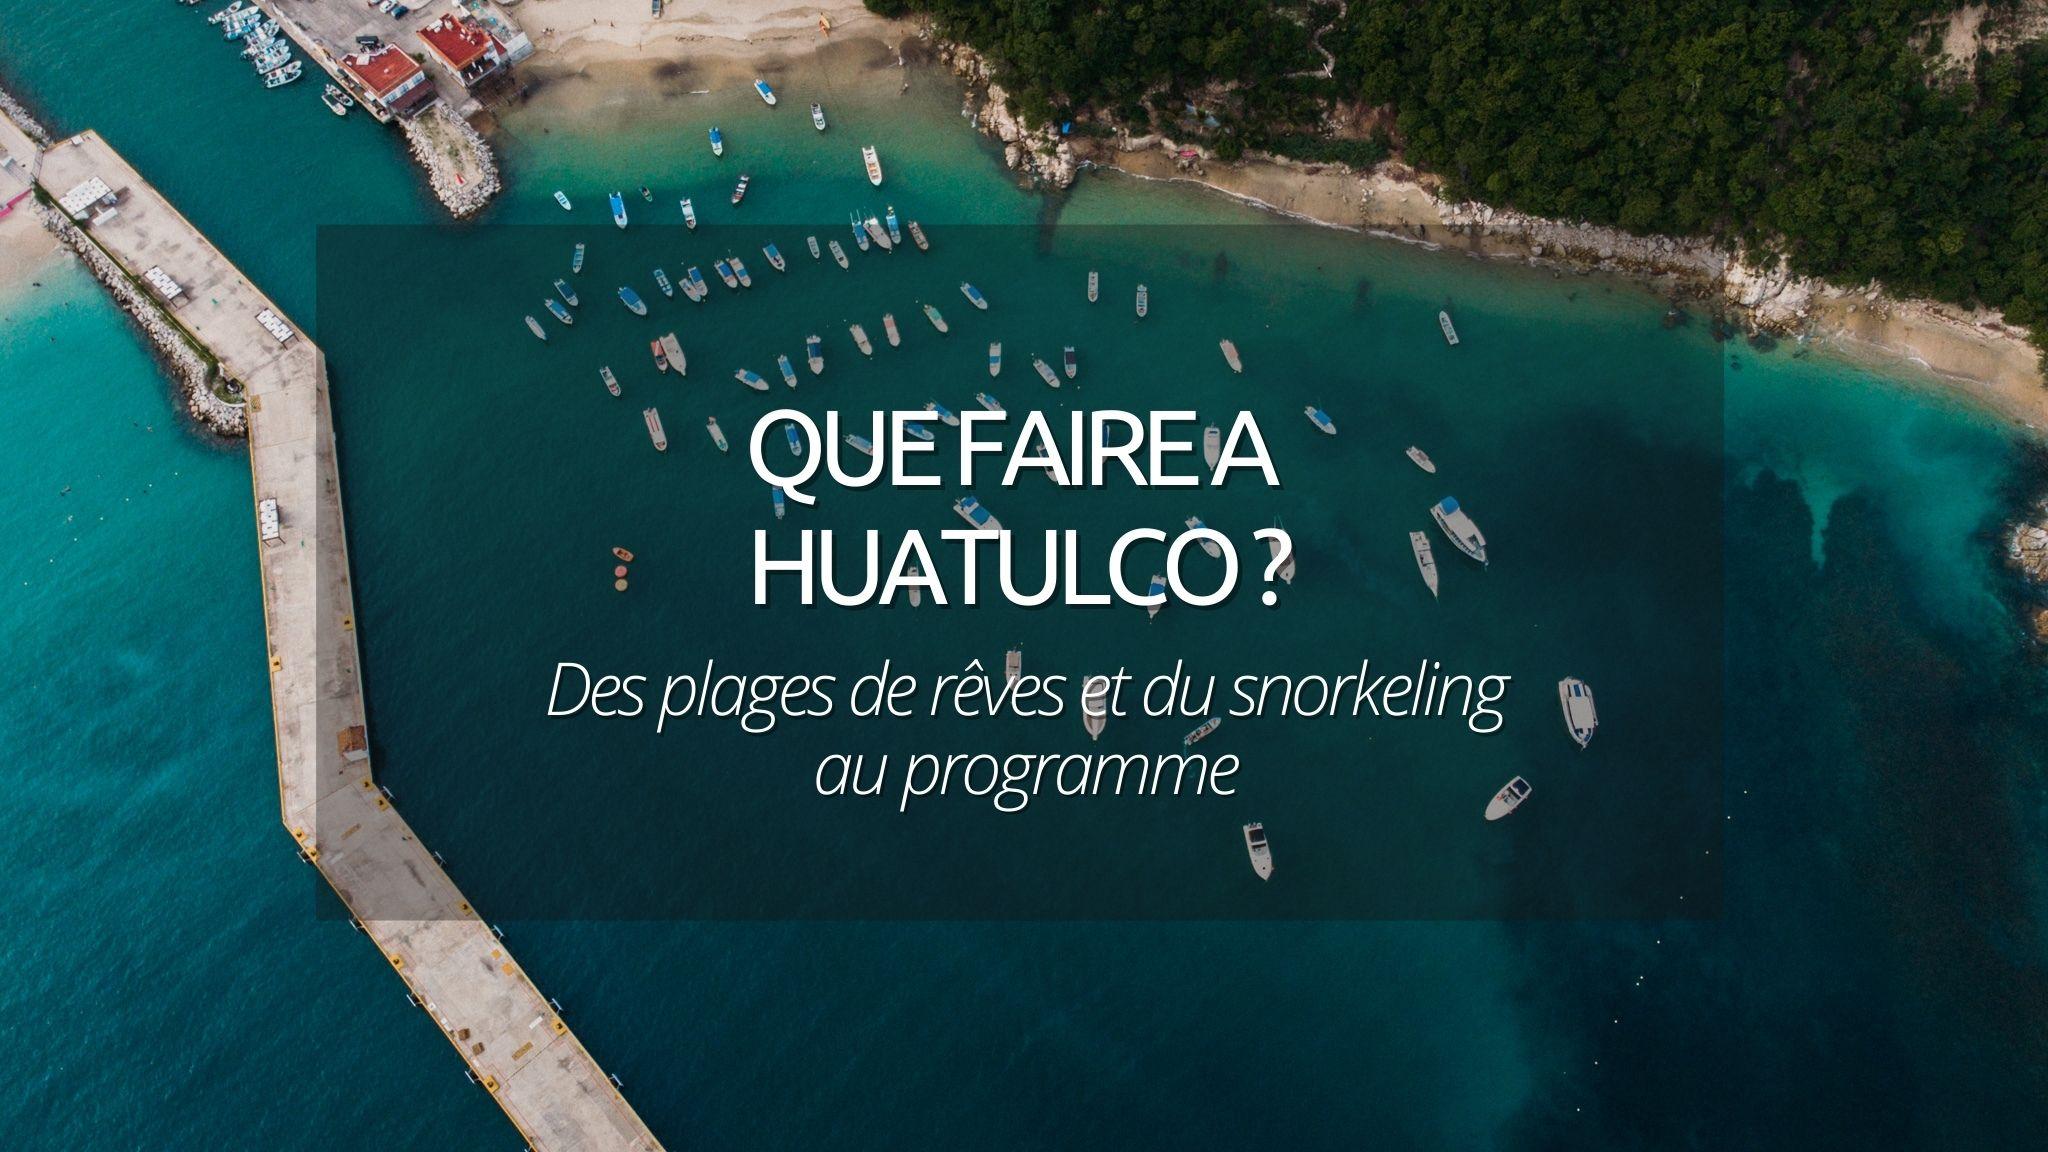 Que faire à Huatulco au Mexique ? Guide pour profiter des baies et du snorkeling